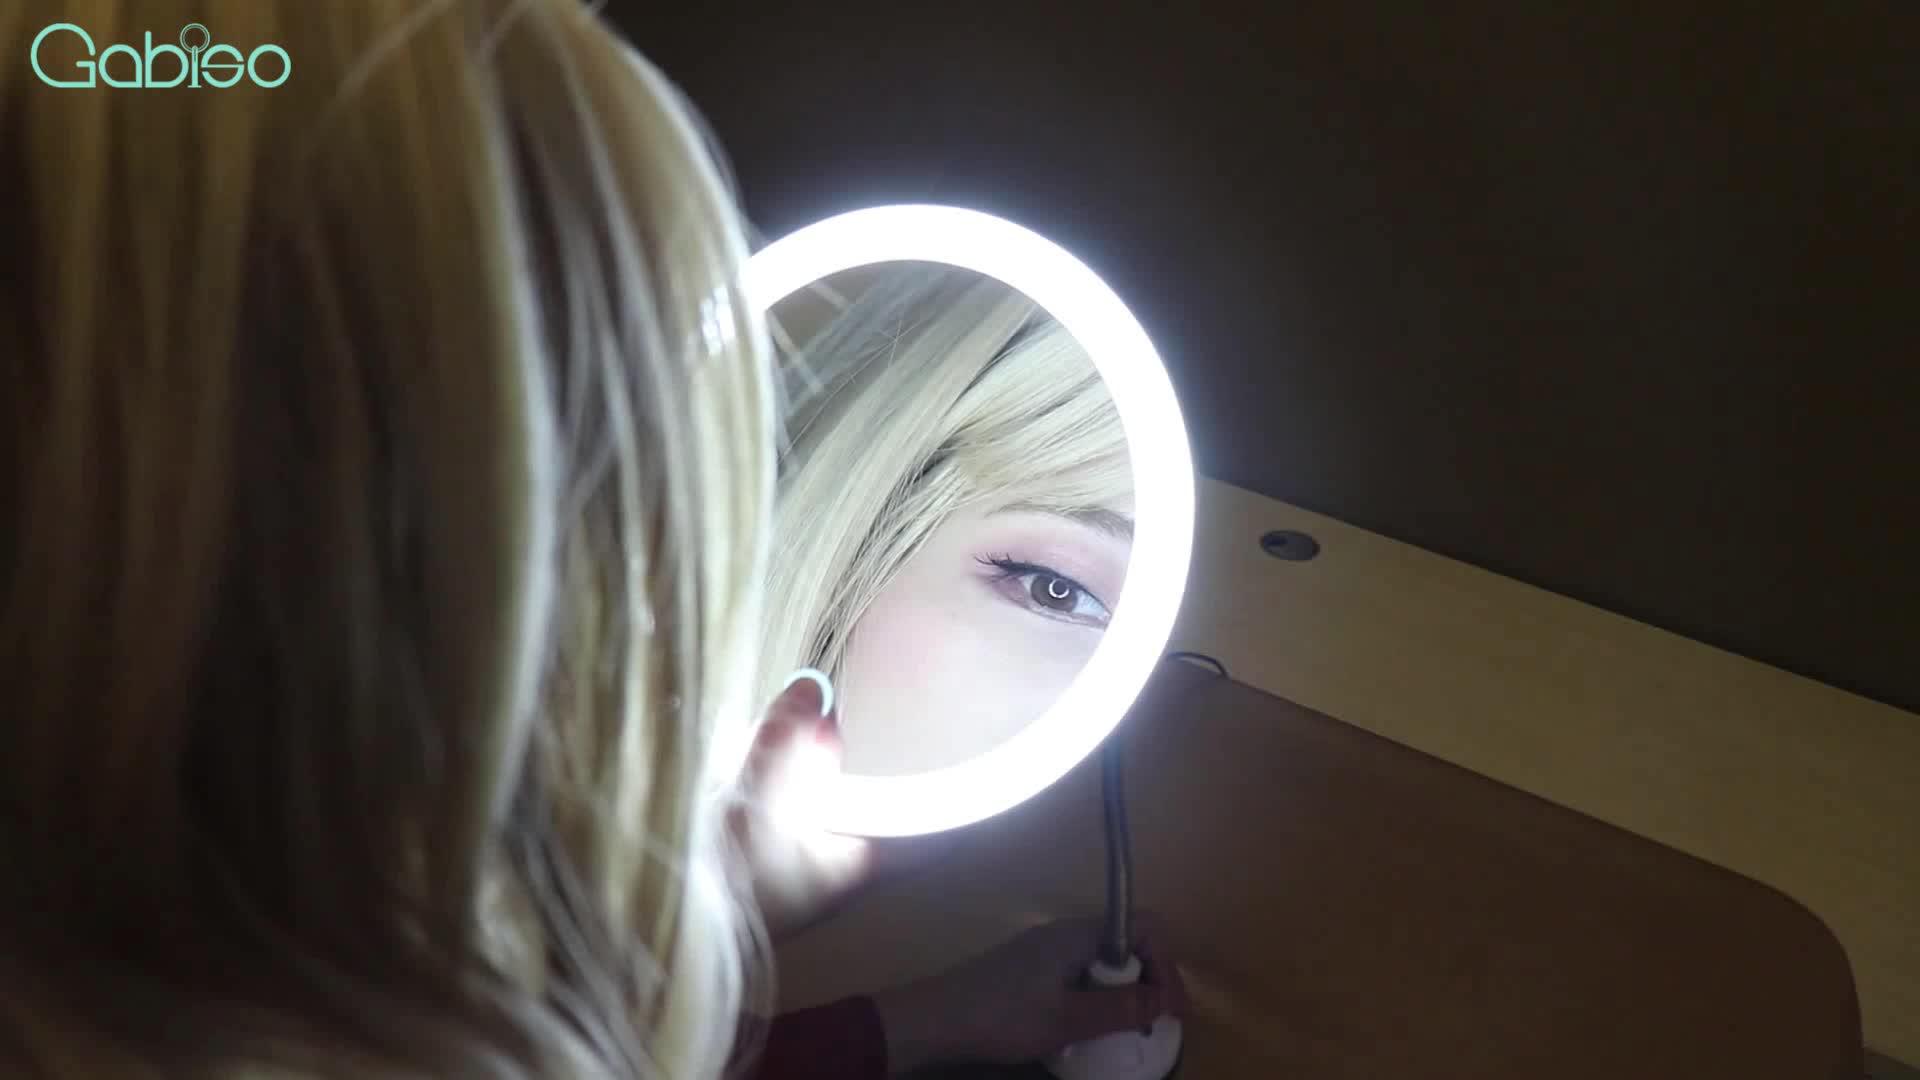 קיר תלוי 360 תואר סיבוב מגע מסך מראת איפור עם אורות מתקפל לאמבטיה נייד קומפקטי כיס מראה